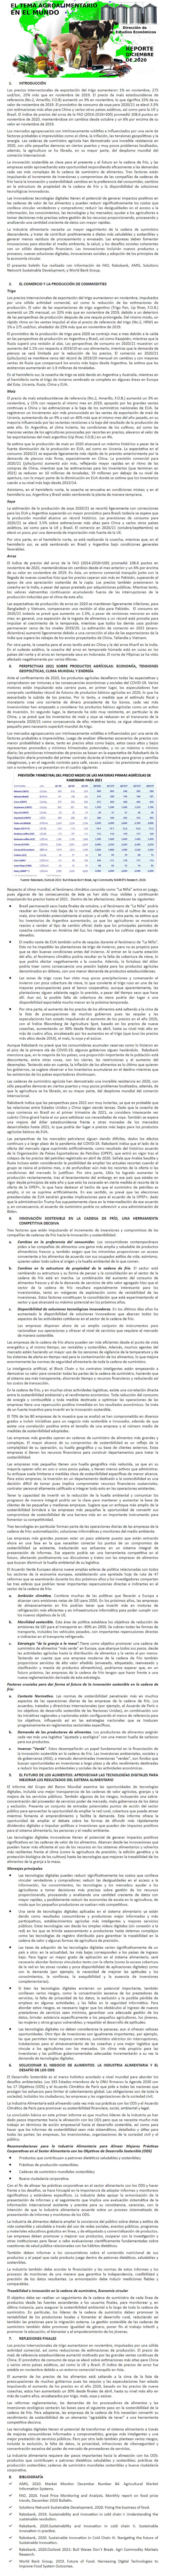 REPORTE: EL TEMA AGROALIMENTARIO EN EL MUNDO, DICIEMBRE 2020.